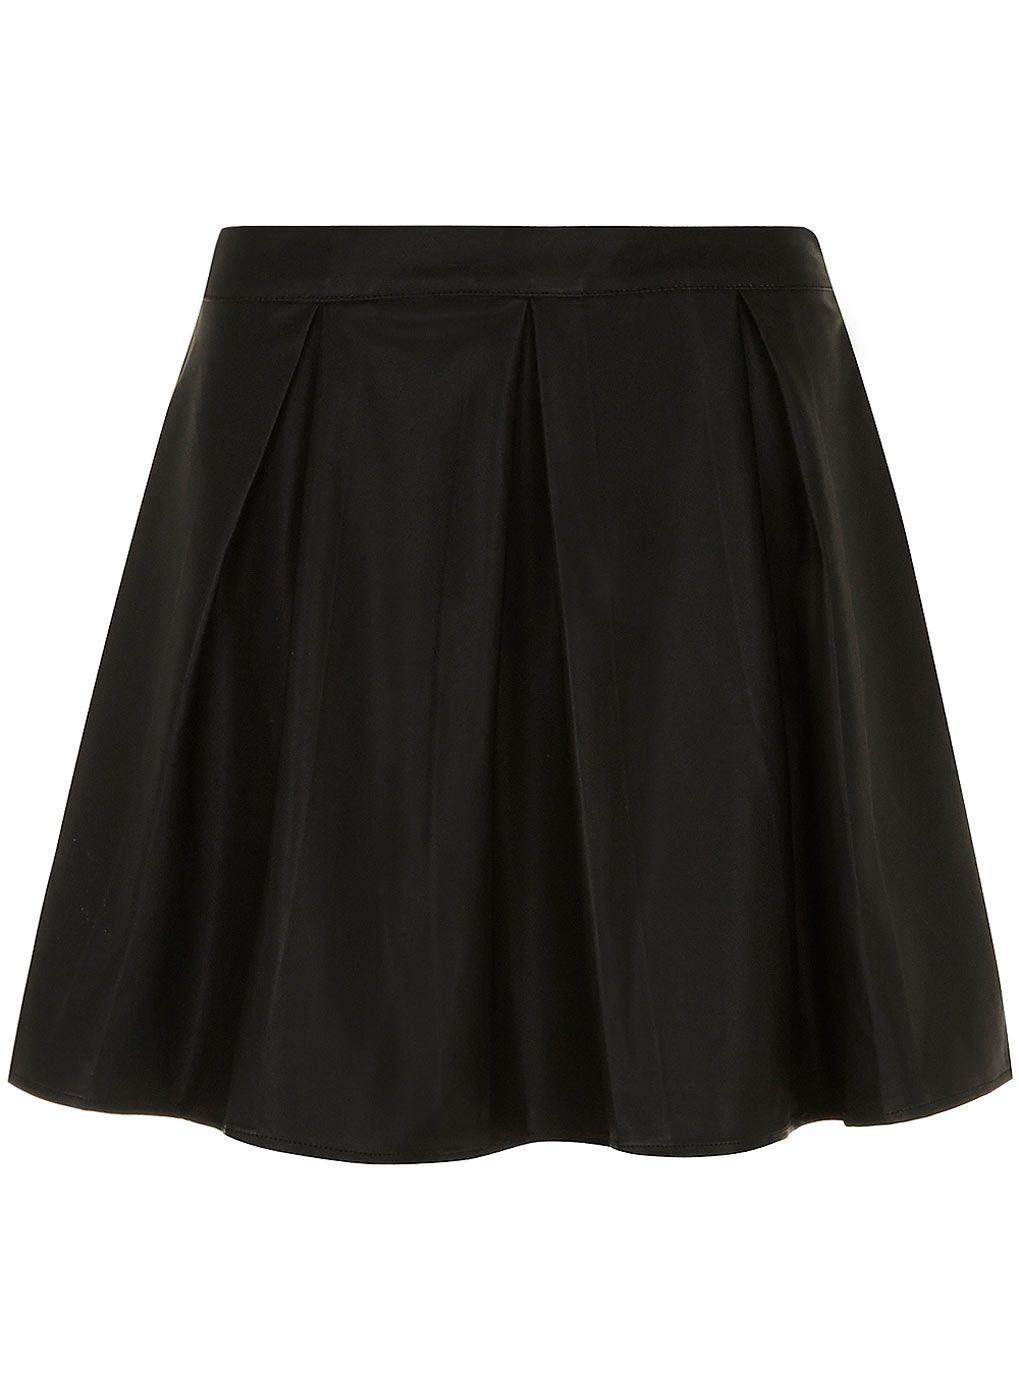 Black leather look skater skirt #DorothyPerkins